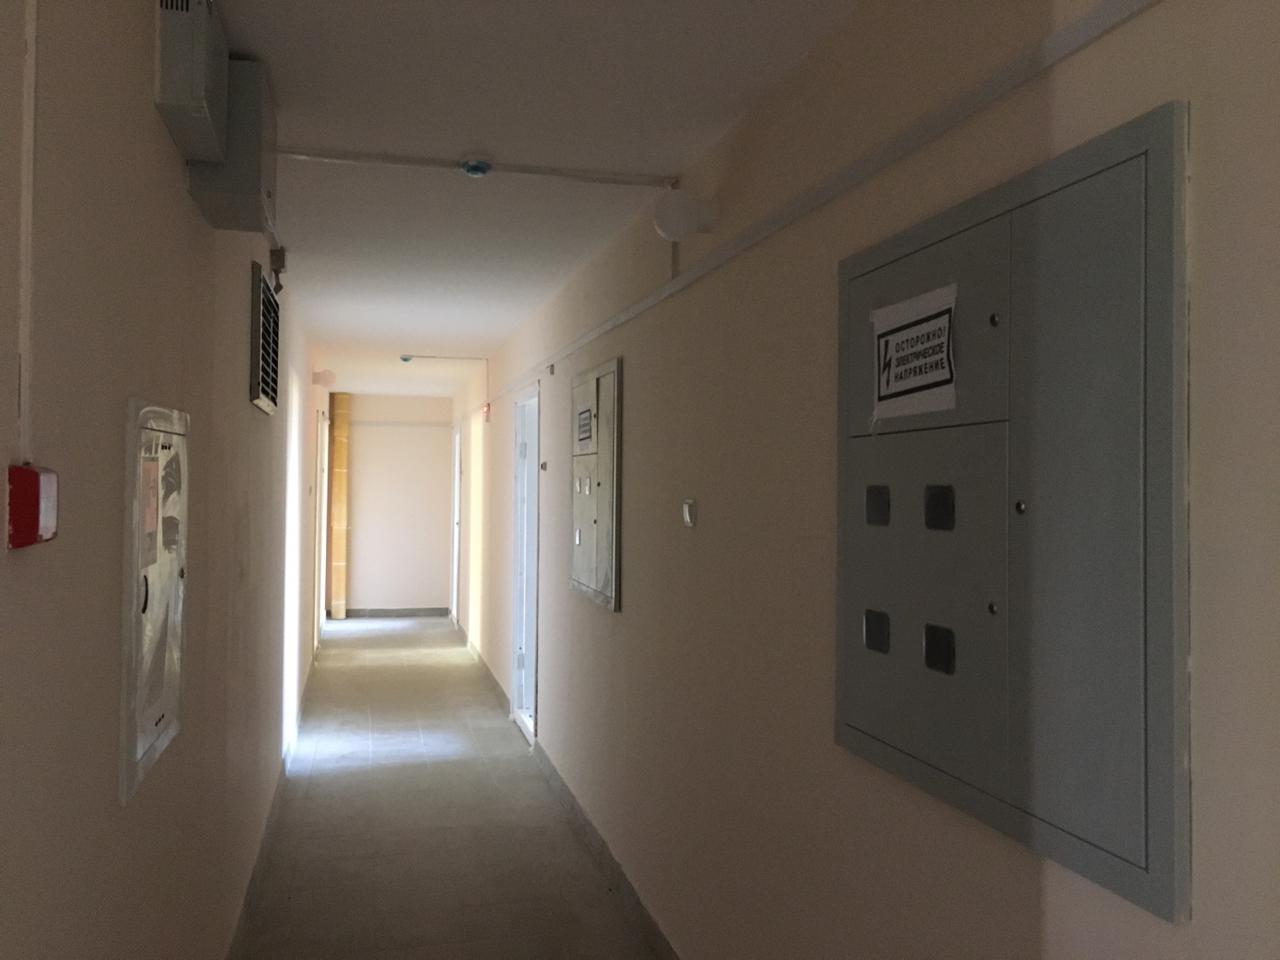 239 обманутых дольщиков получат ключи от своих квартир в Ярославле